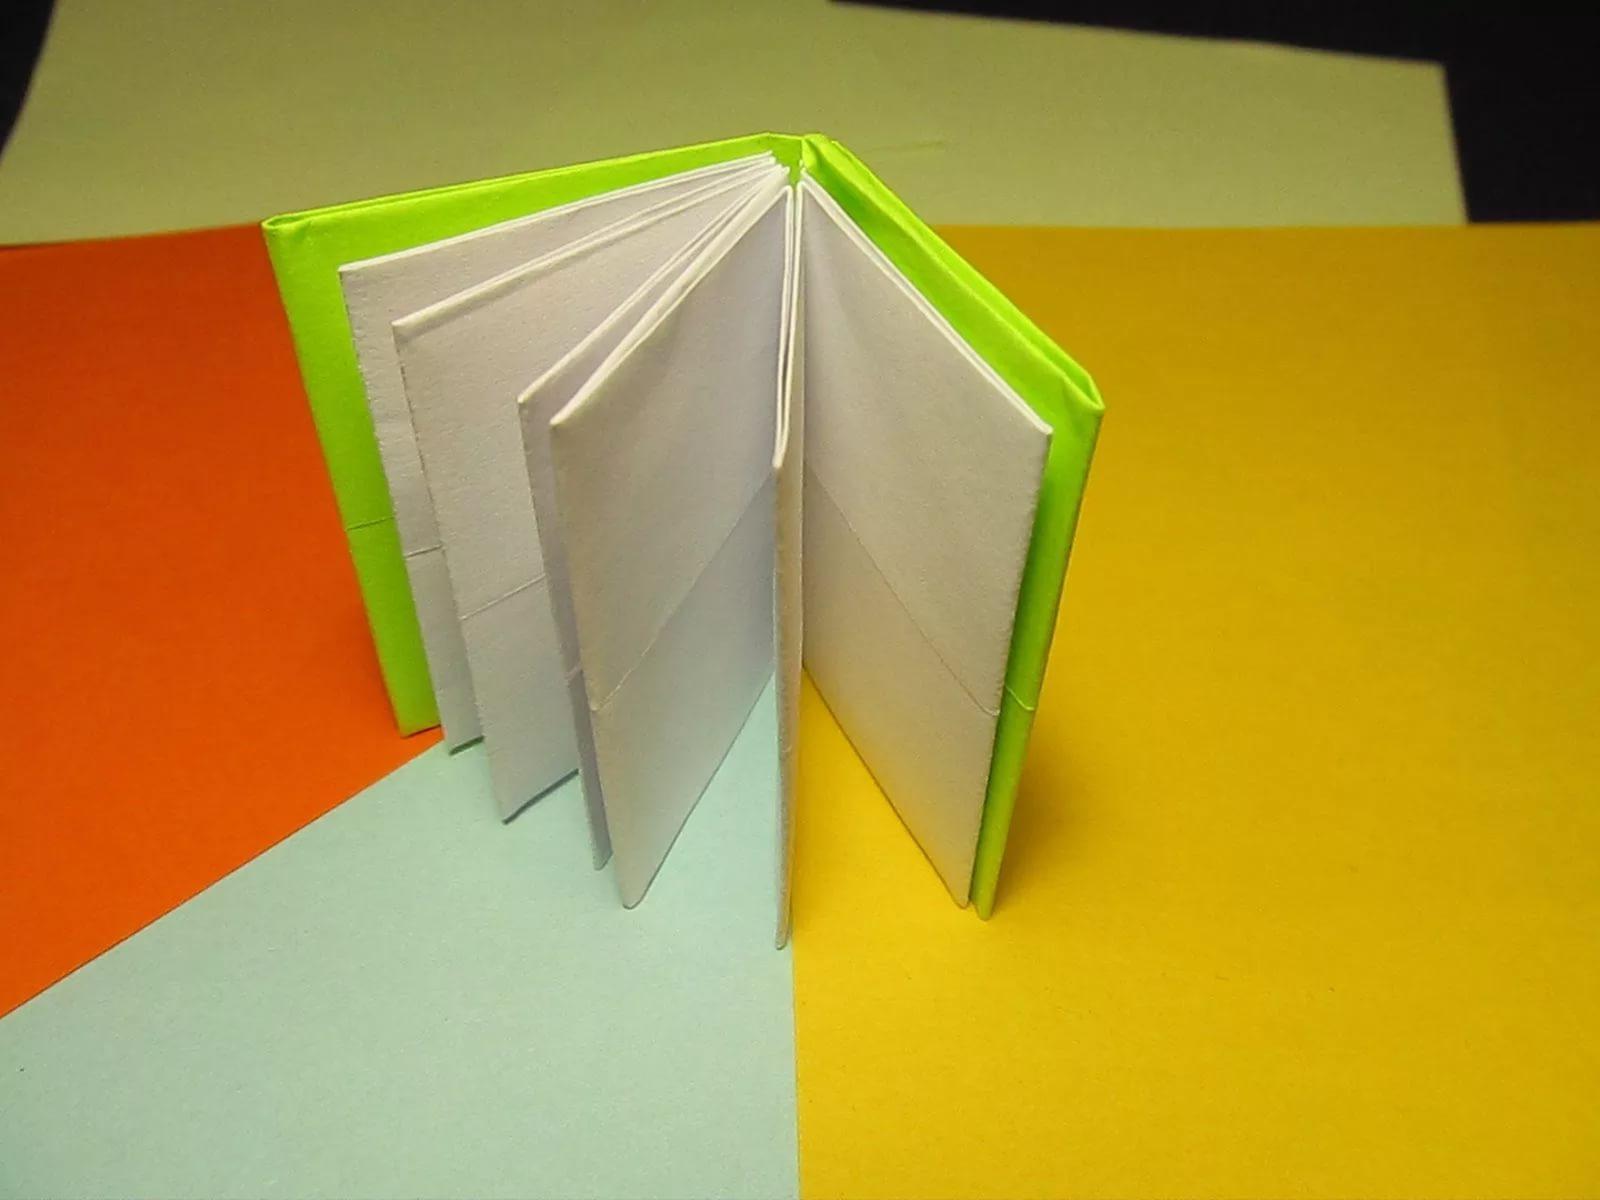 Как сделать книжку из бумаги простым способом